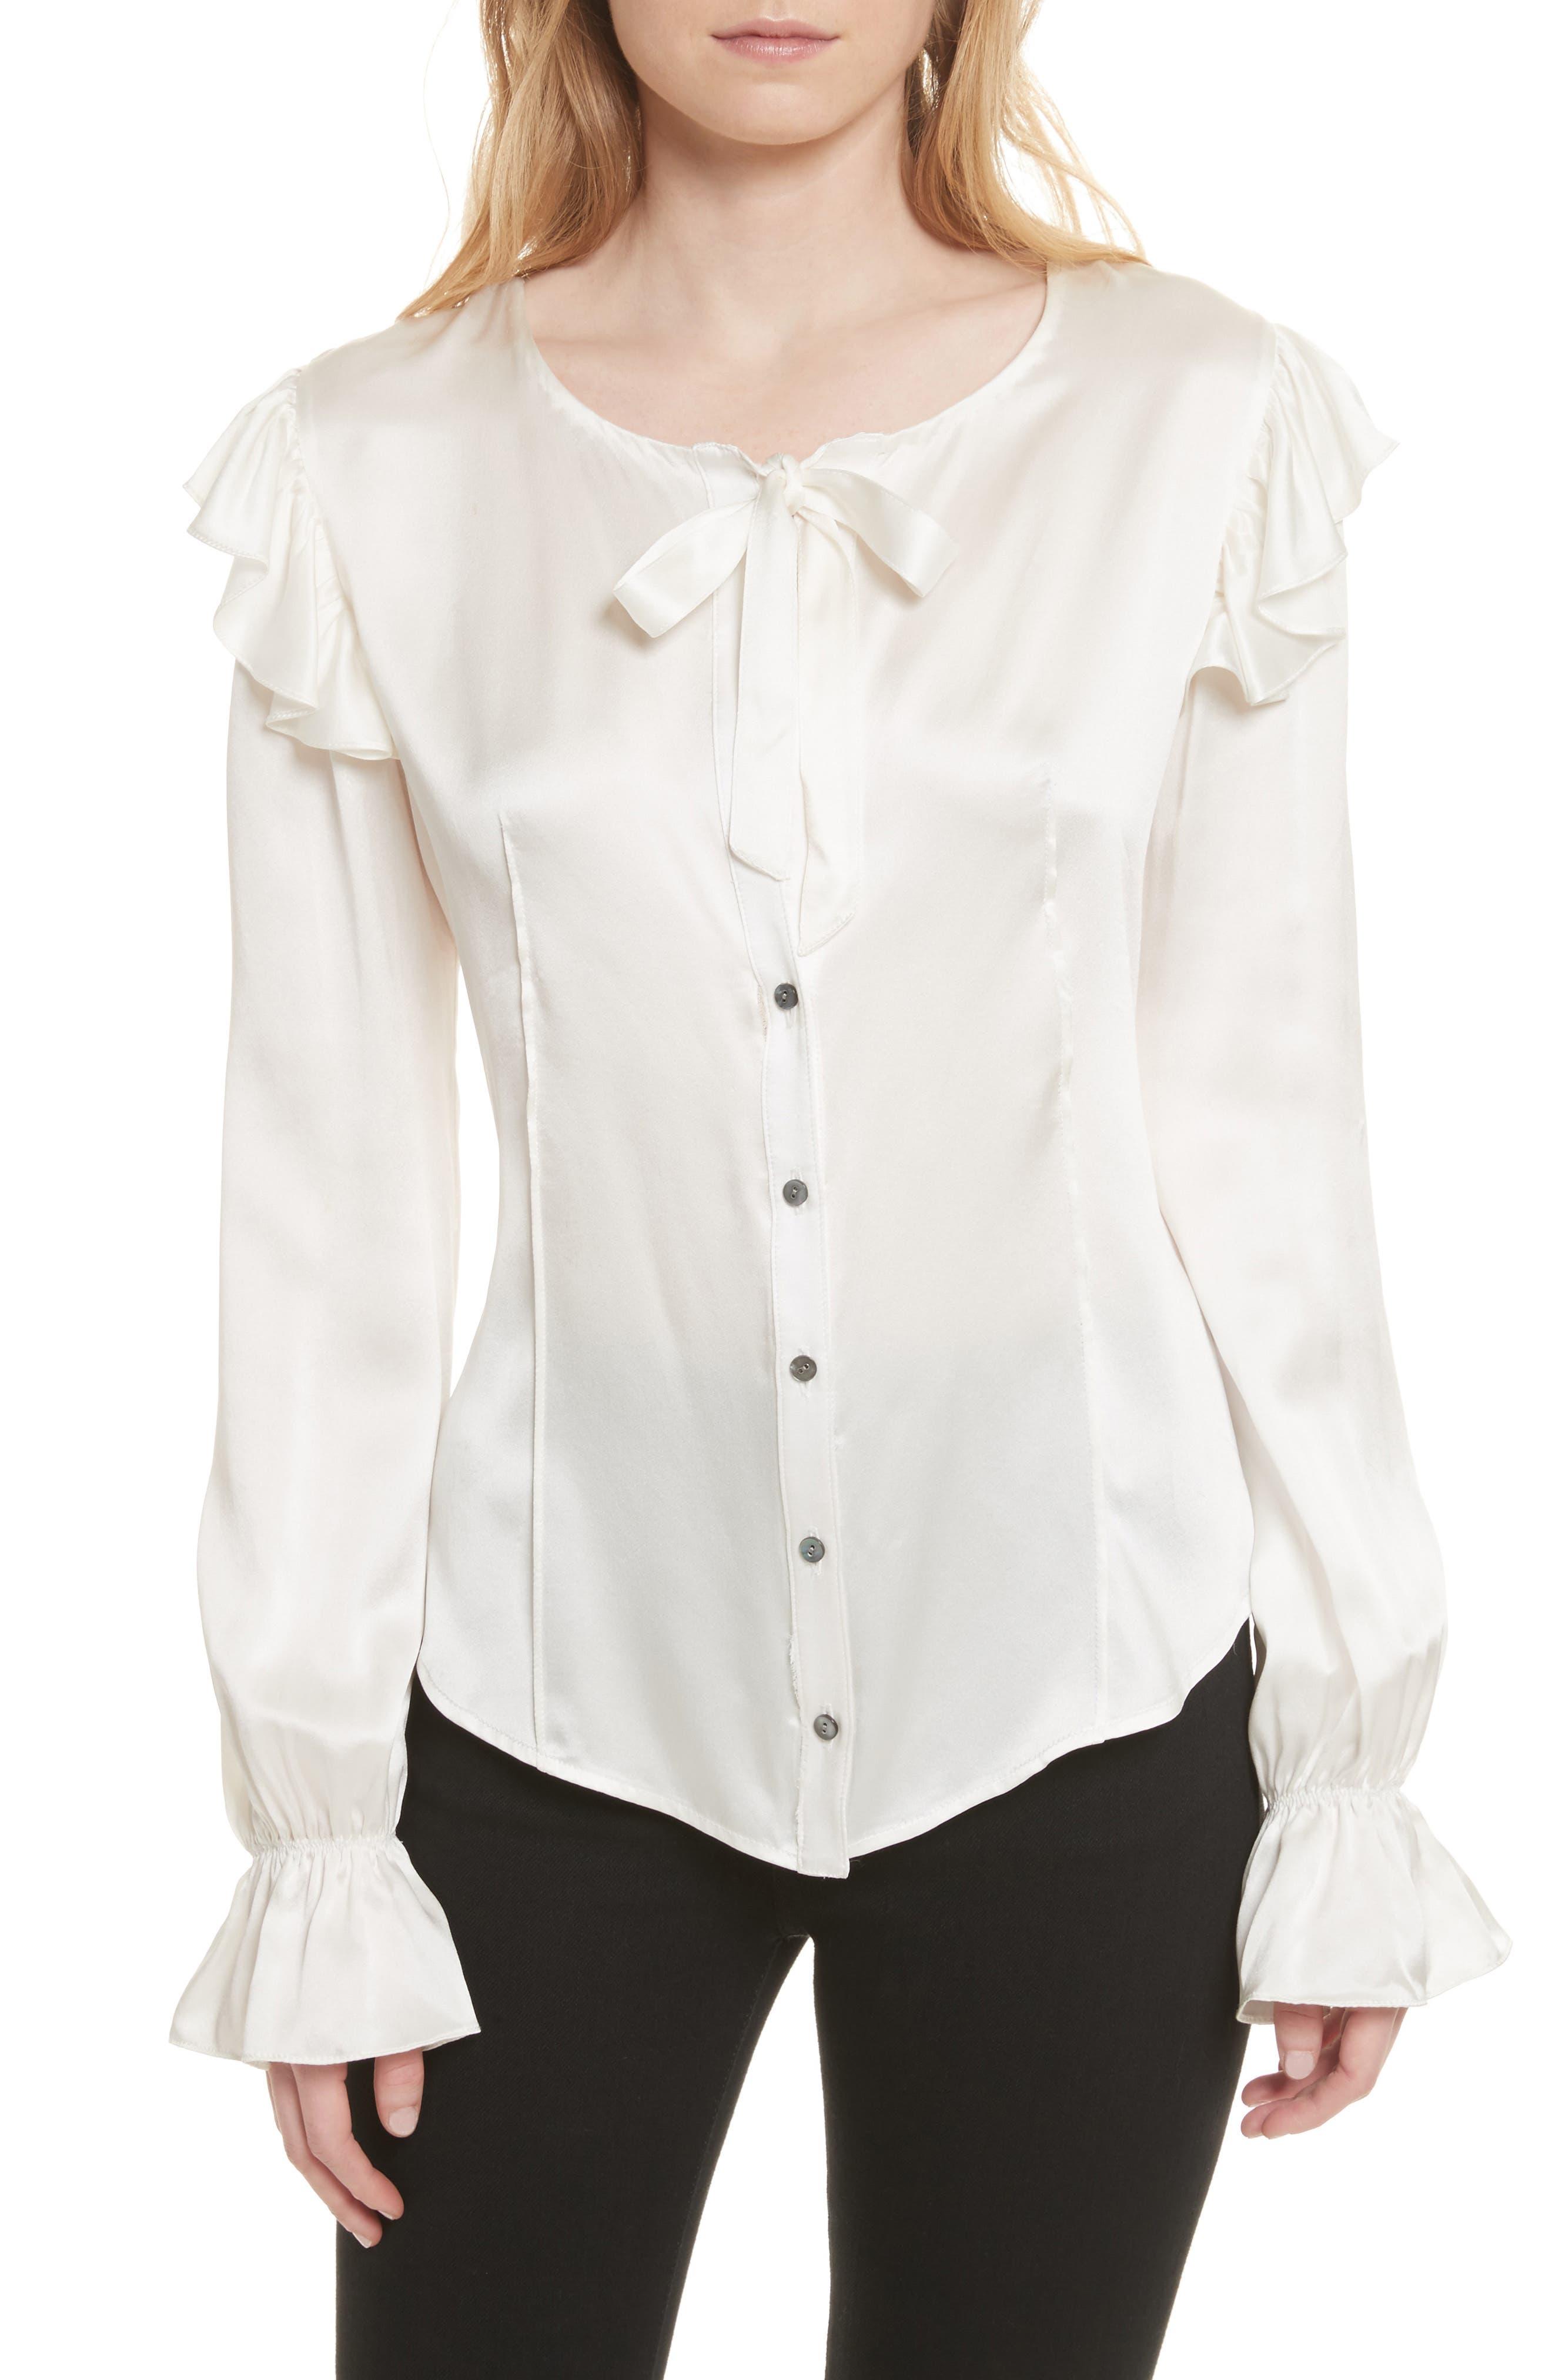 Main Image - Cinq à Sept Cassanova Tie Neck Silk Blouse